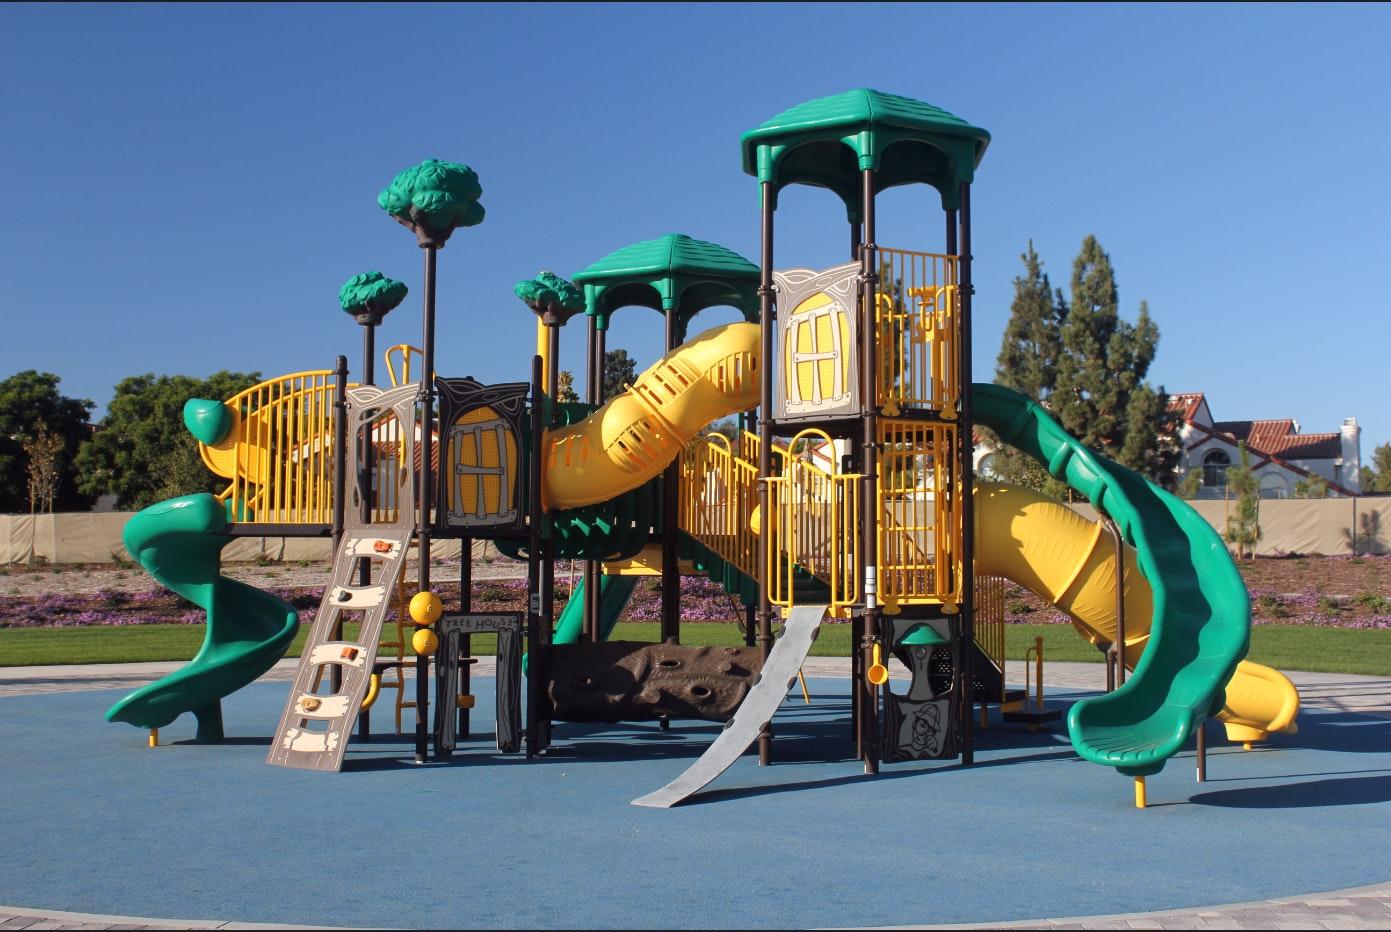 Mel Vncent Park